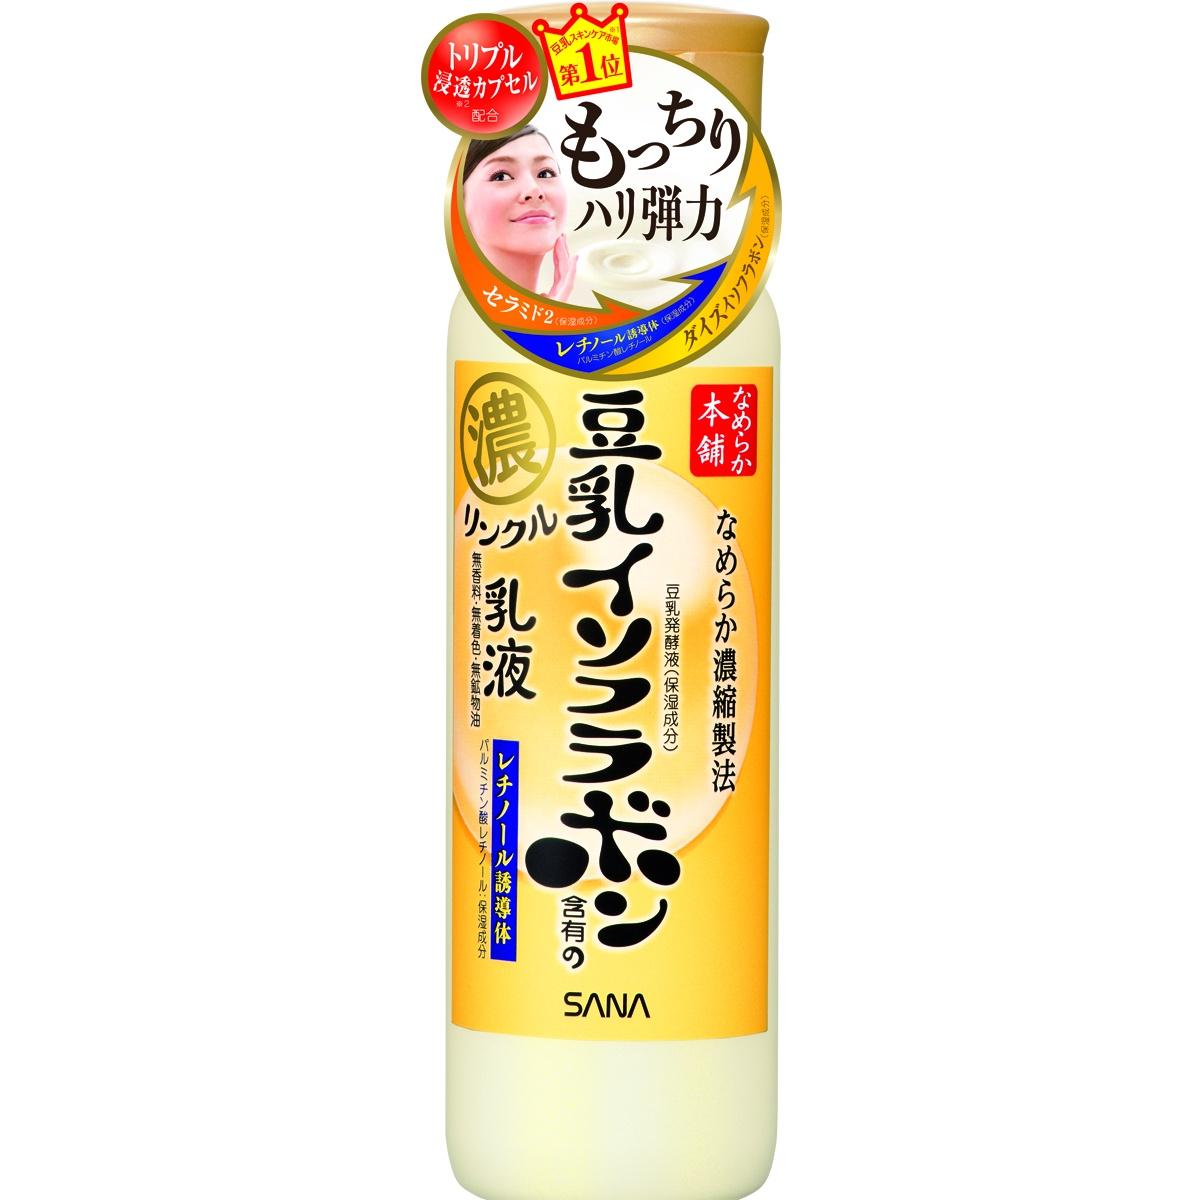 Молочко косметическое SANA / Увлажняющее и подтягивающее молочко, с ретинолом и изофлавонами сои, 150 мл, арт.  425561 Sana